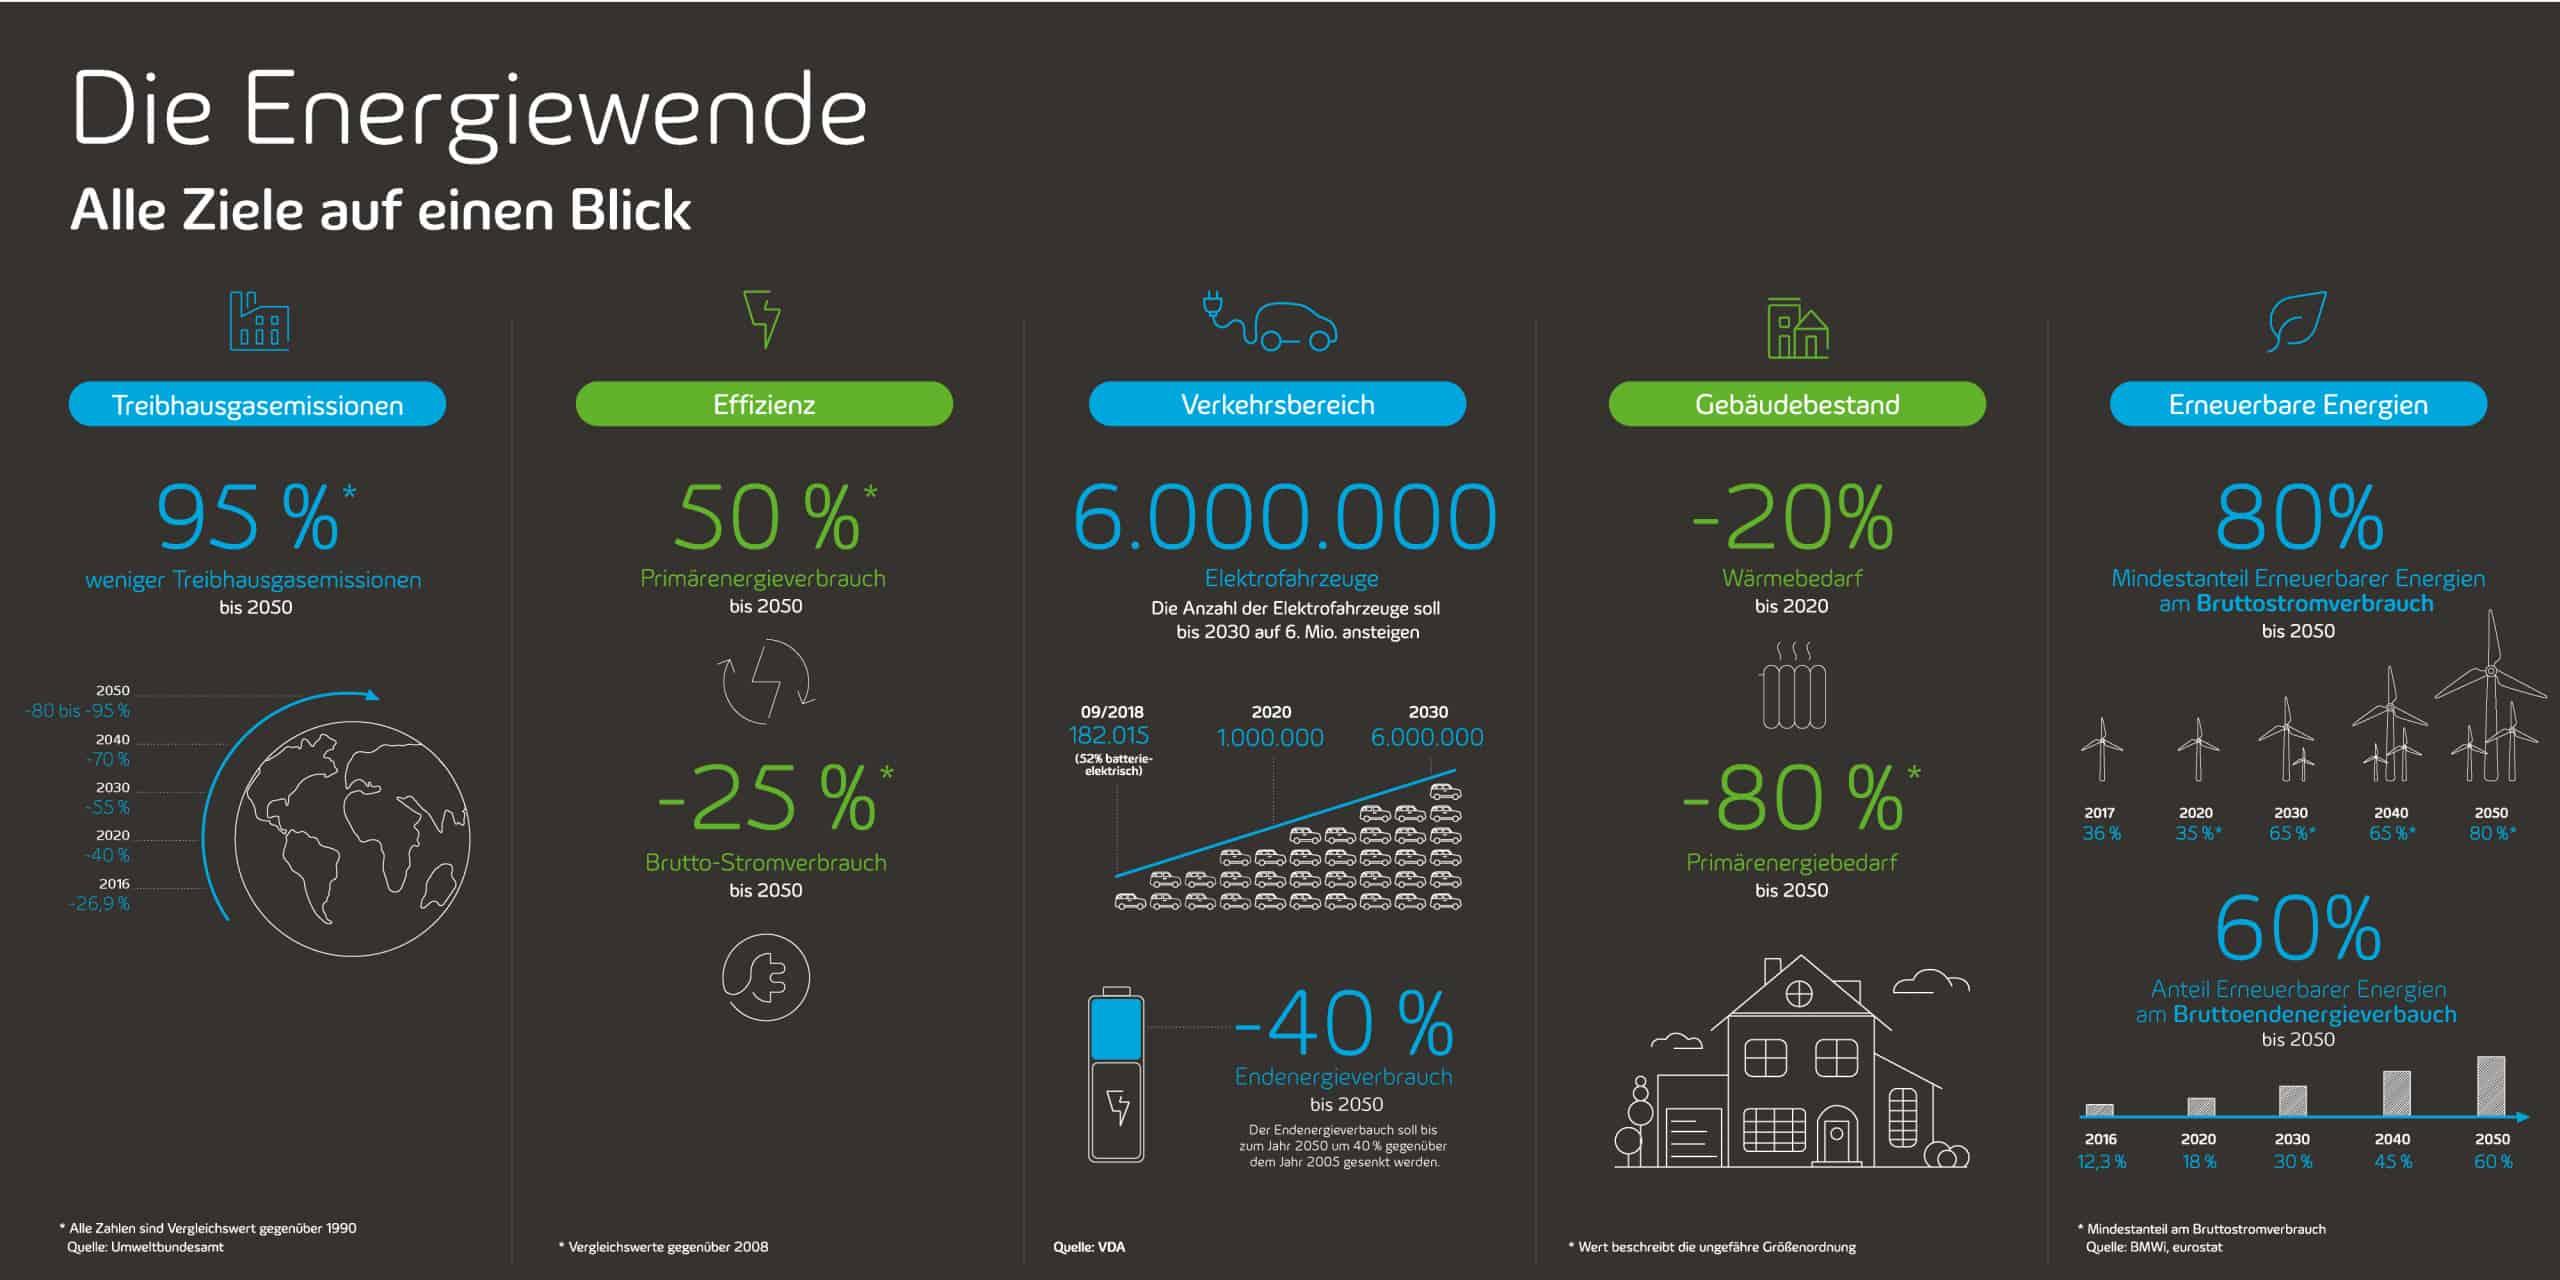 Grafik: Ziele der Energiewende